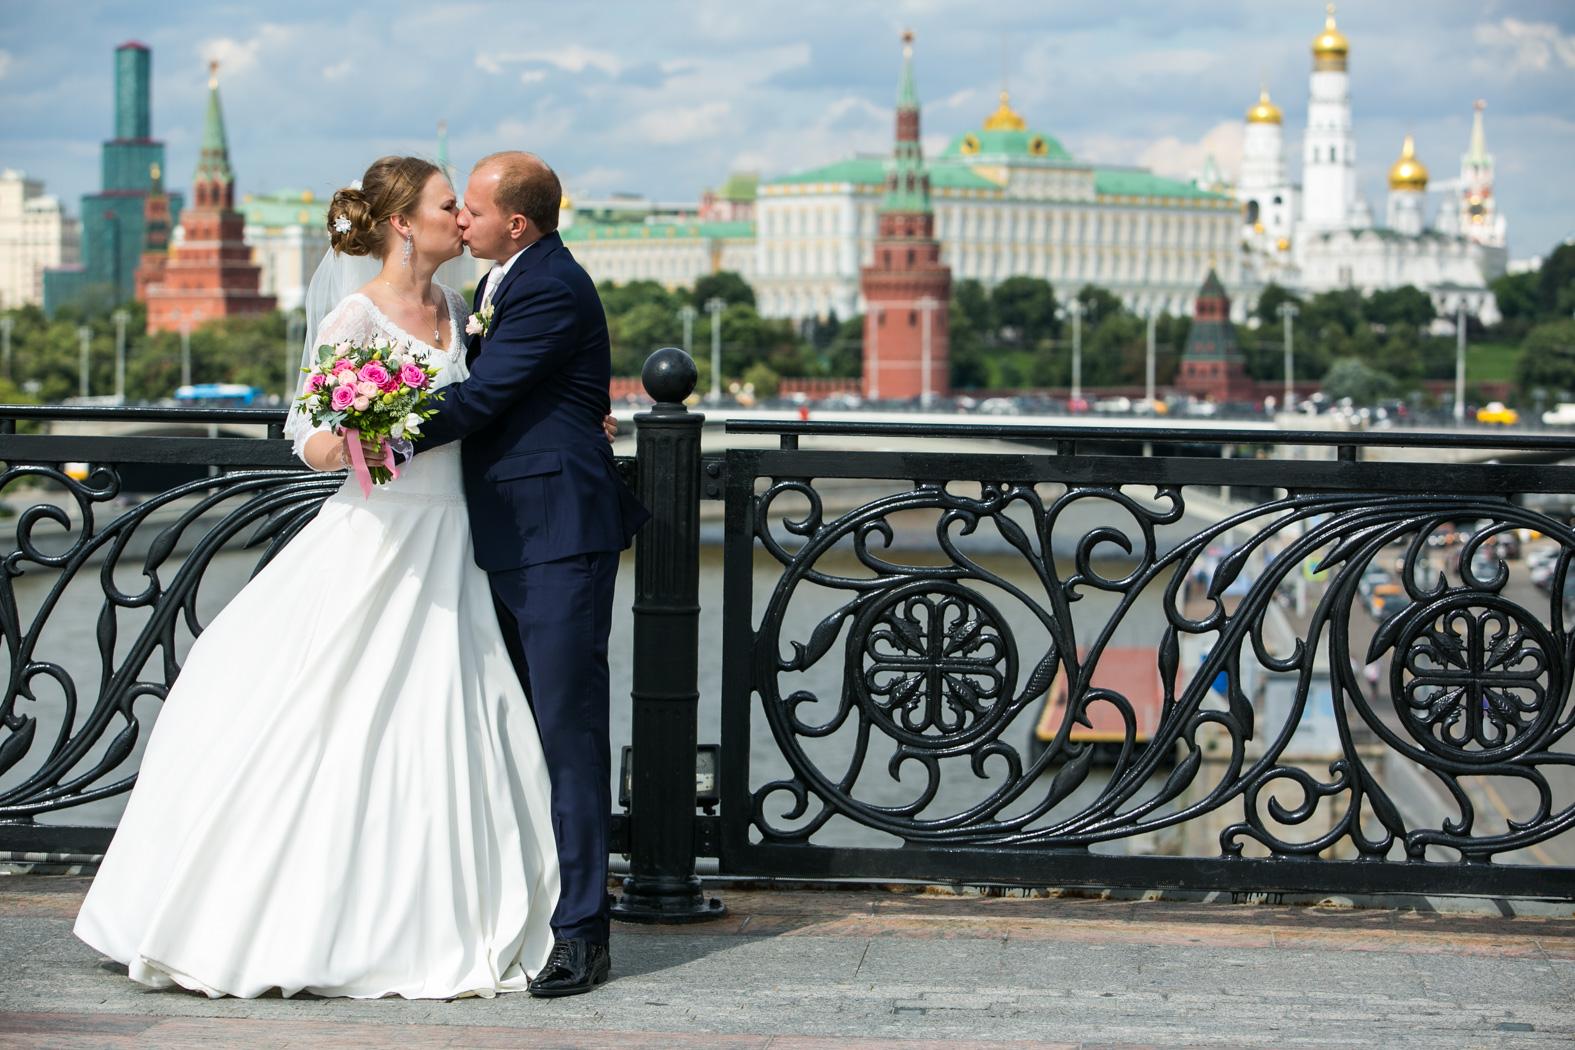 Сергей Гармаш выдал дочь замуж (ФОТО)